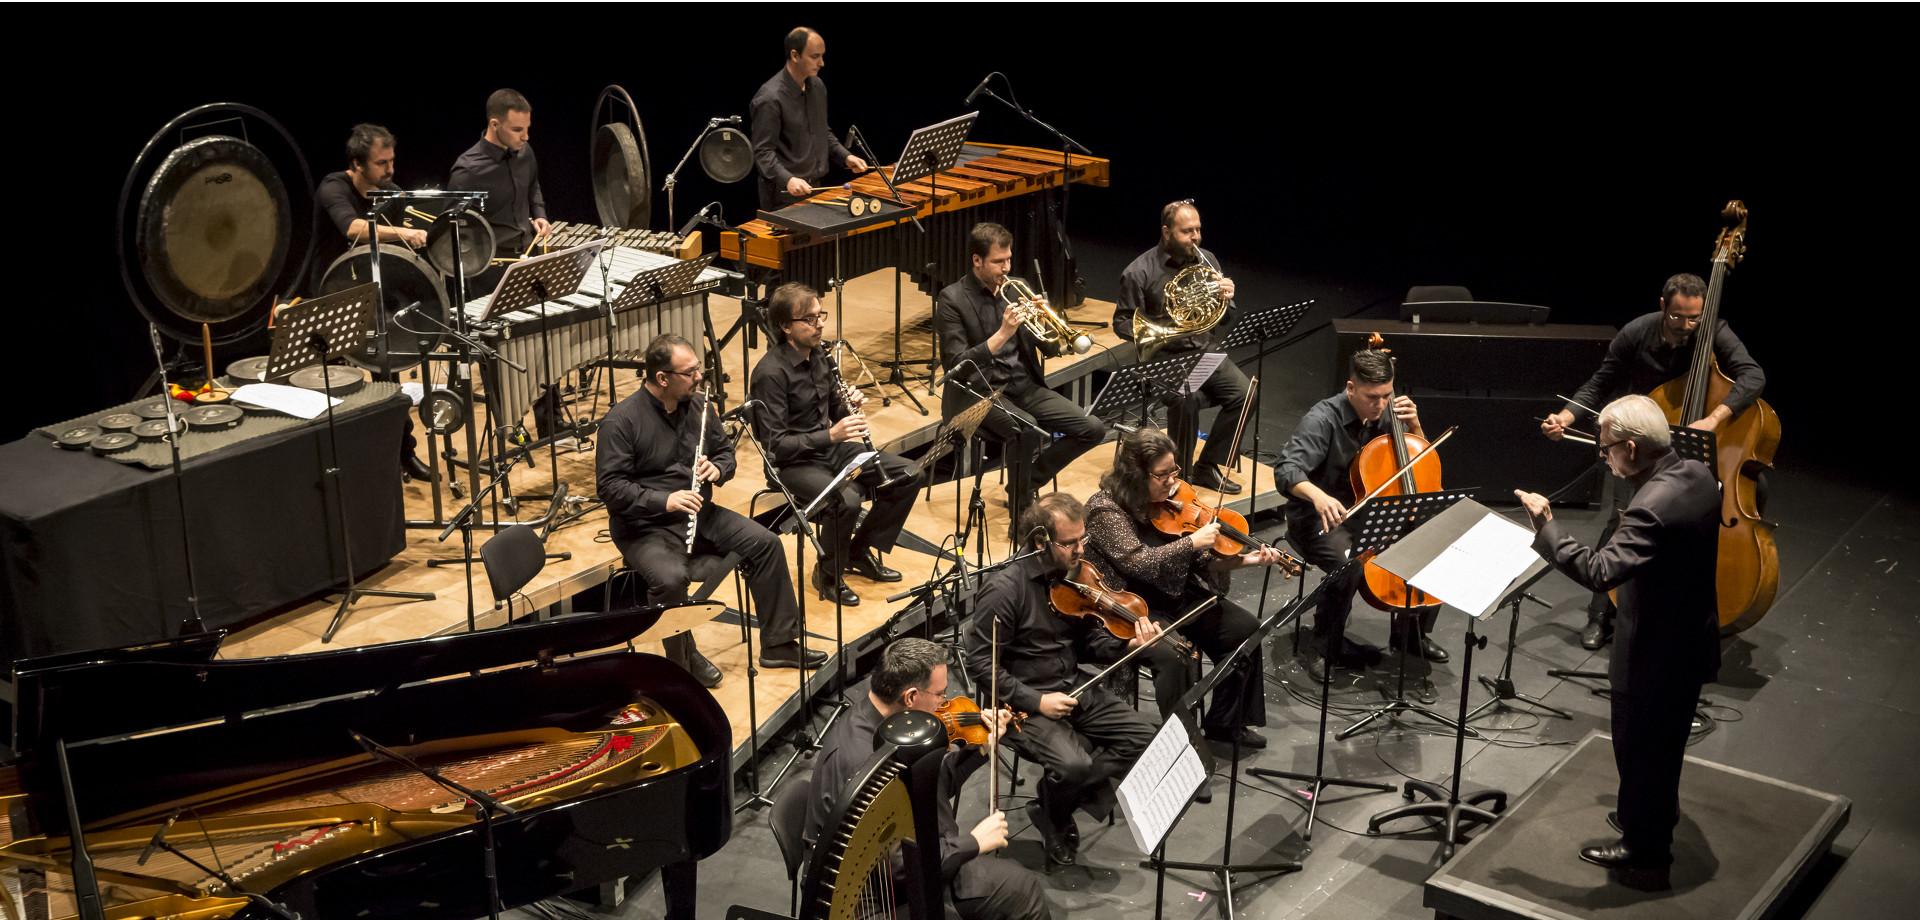 Μουσικές ιστορίες για παιδιά και «έξυπνους» μεγάλους στο Μέγαρο Μουσικής Αθηνών